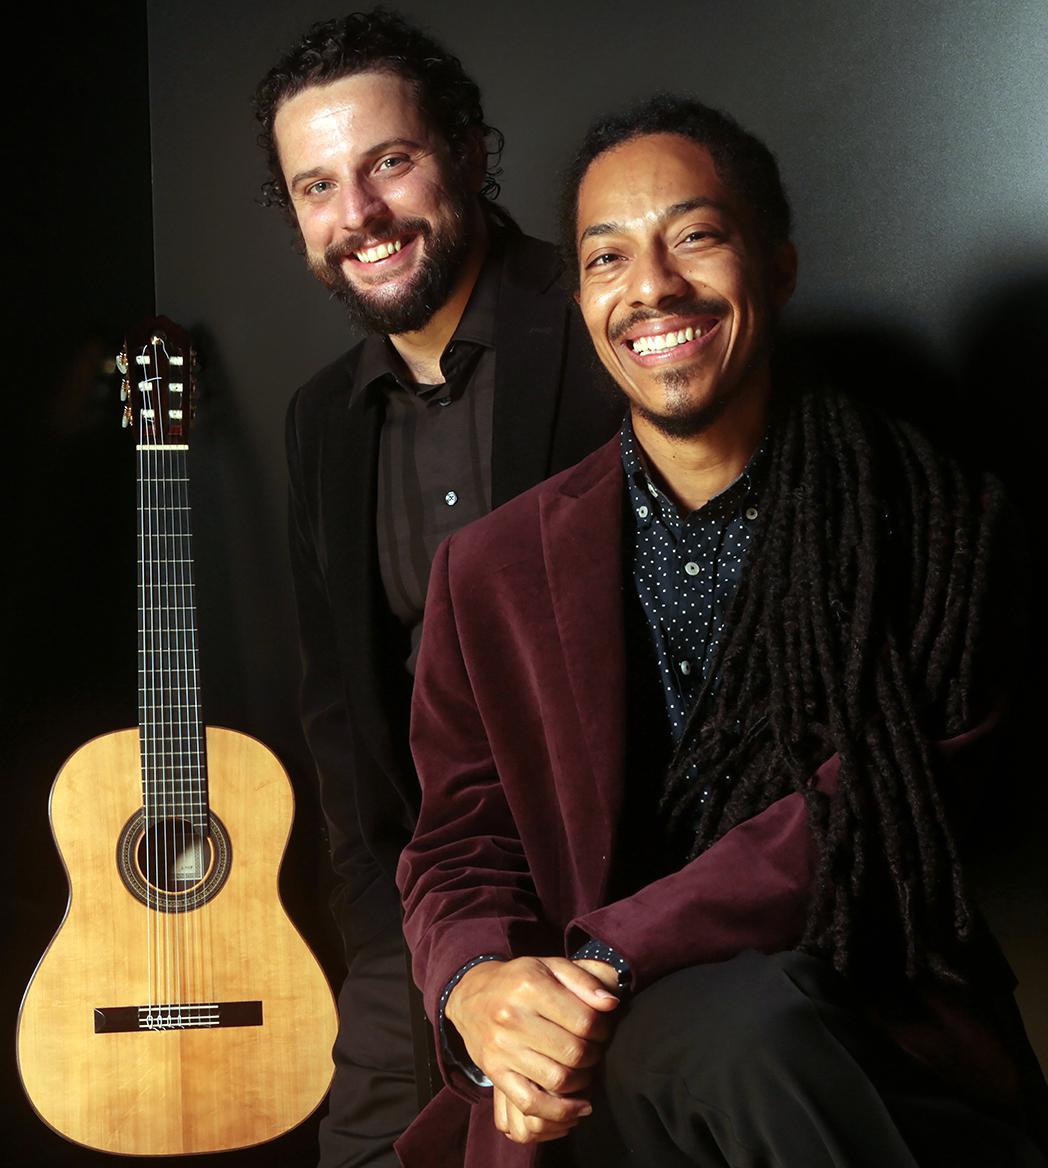 Brasil-guitar-duo_small